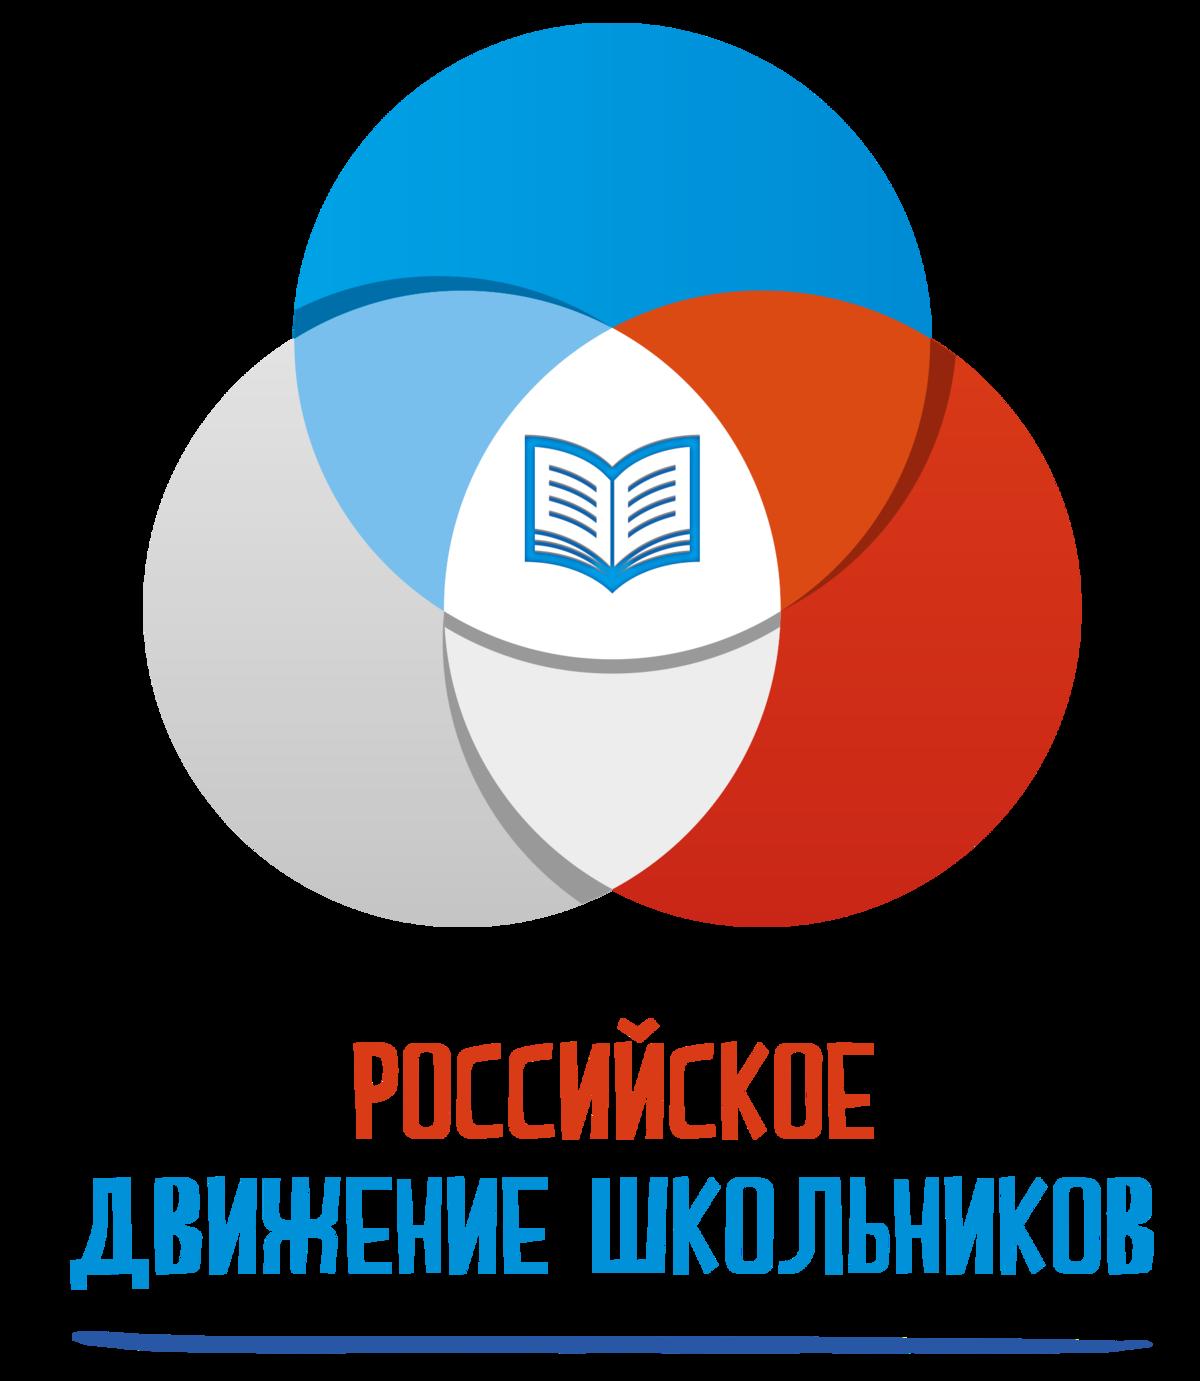 Логотип РДШ